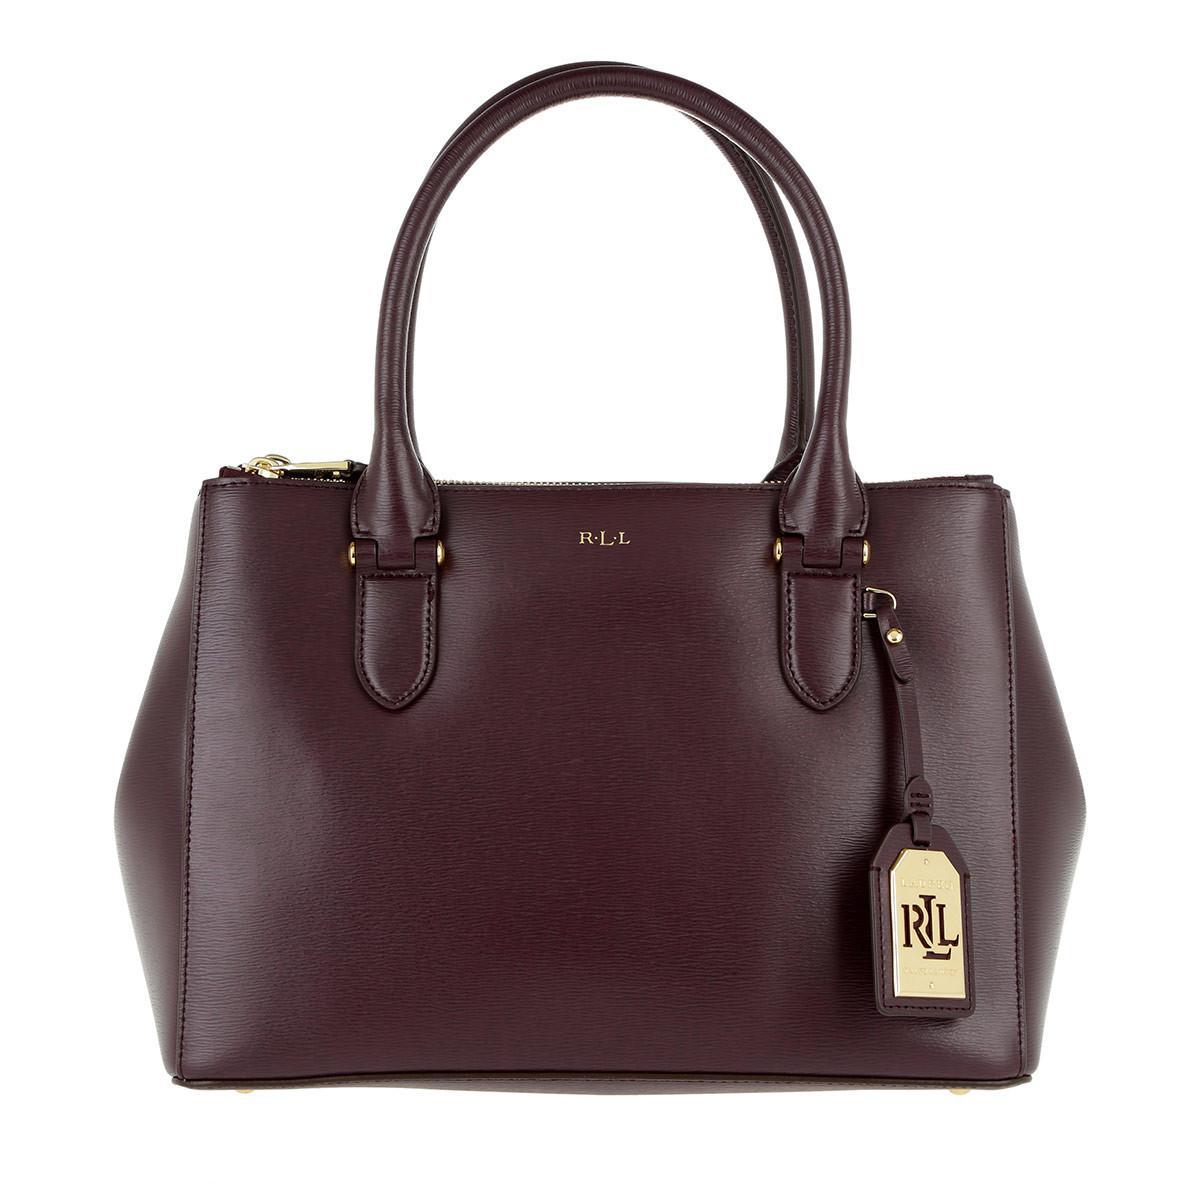 53fd2b07e03 Lauren by Ralph Lauren Newbury Double Zip Shopper Embossed Leather ...